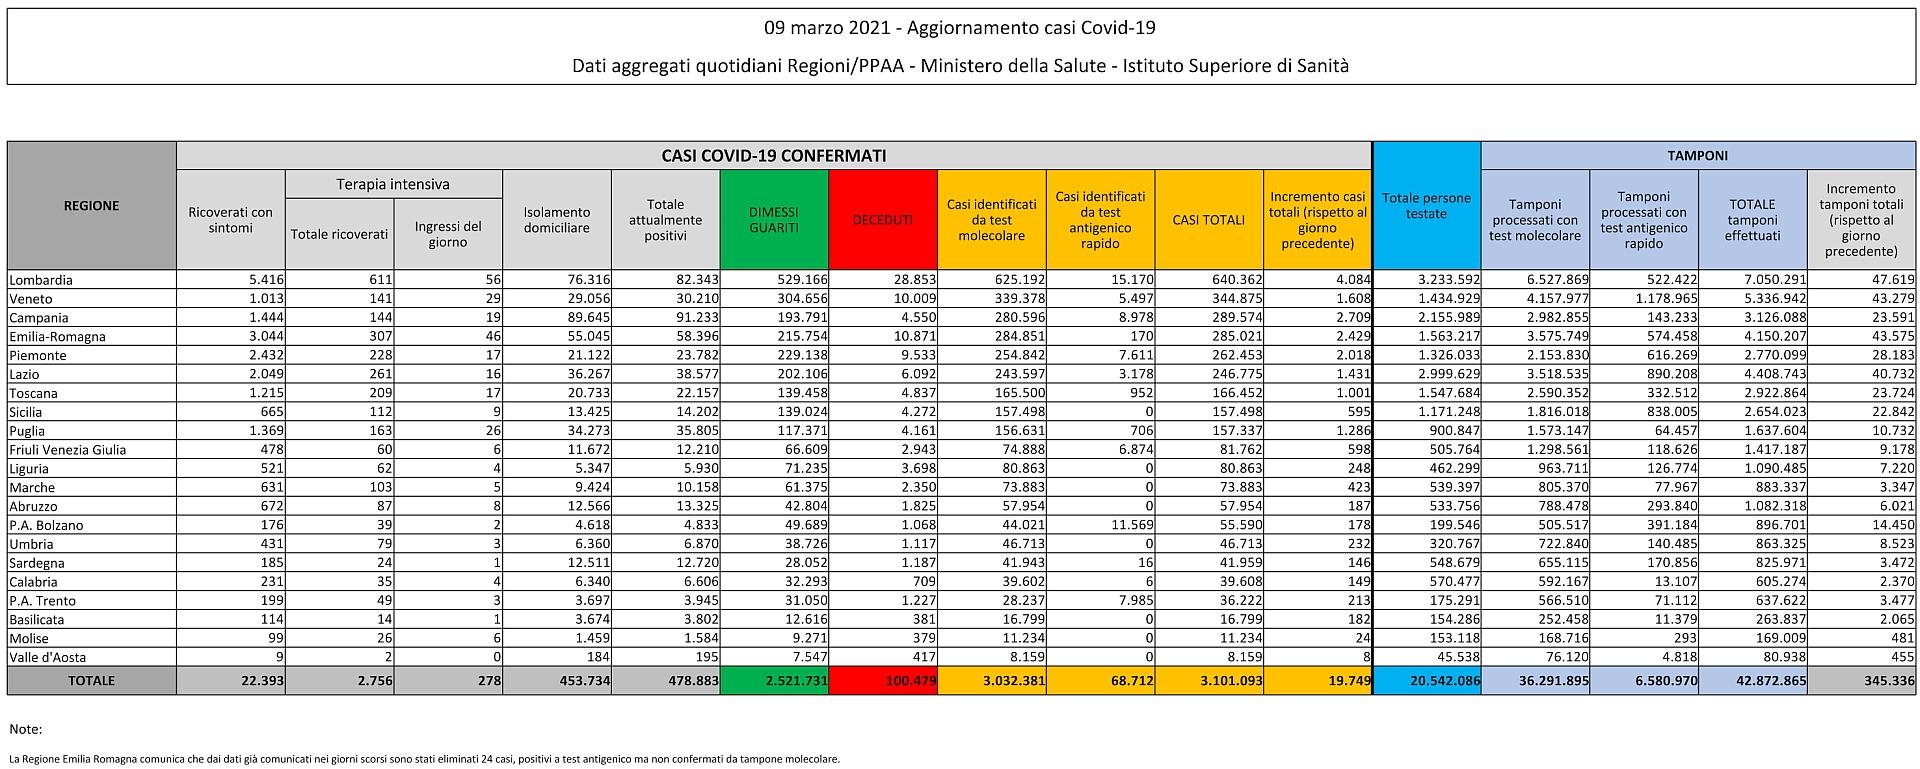 9 marzo 2021 - Aggiornamento casi Covid-19 Dati aggregati quotidiani Regioni/PPAA - Ministero della Salute - Istituto Superiore di Sanità